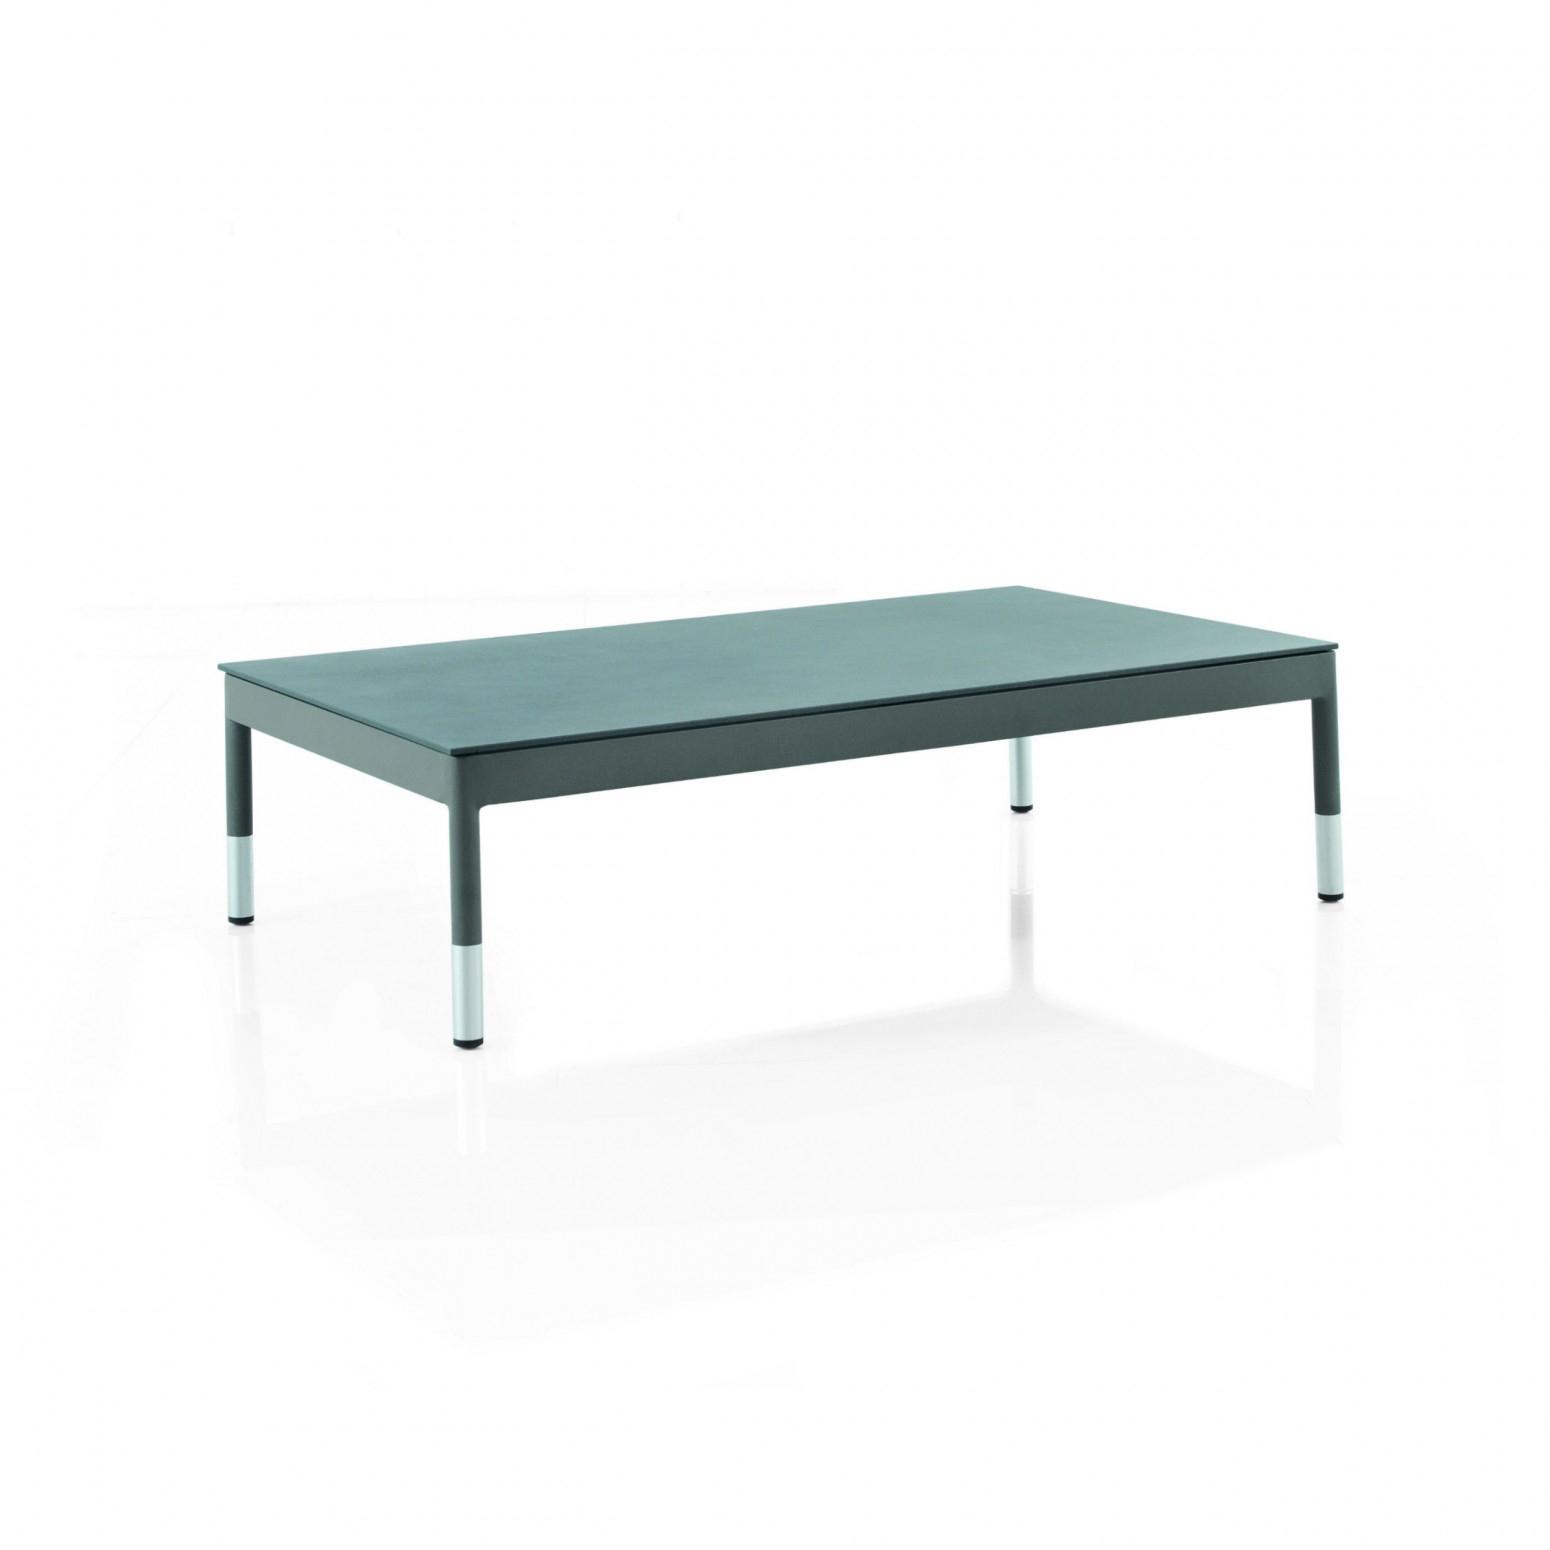 Table Basse De Jardin Aluminium pour Table De Jardin Aluminium Et Verre